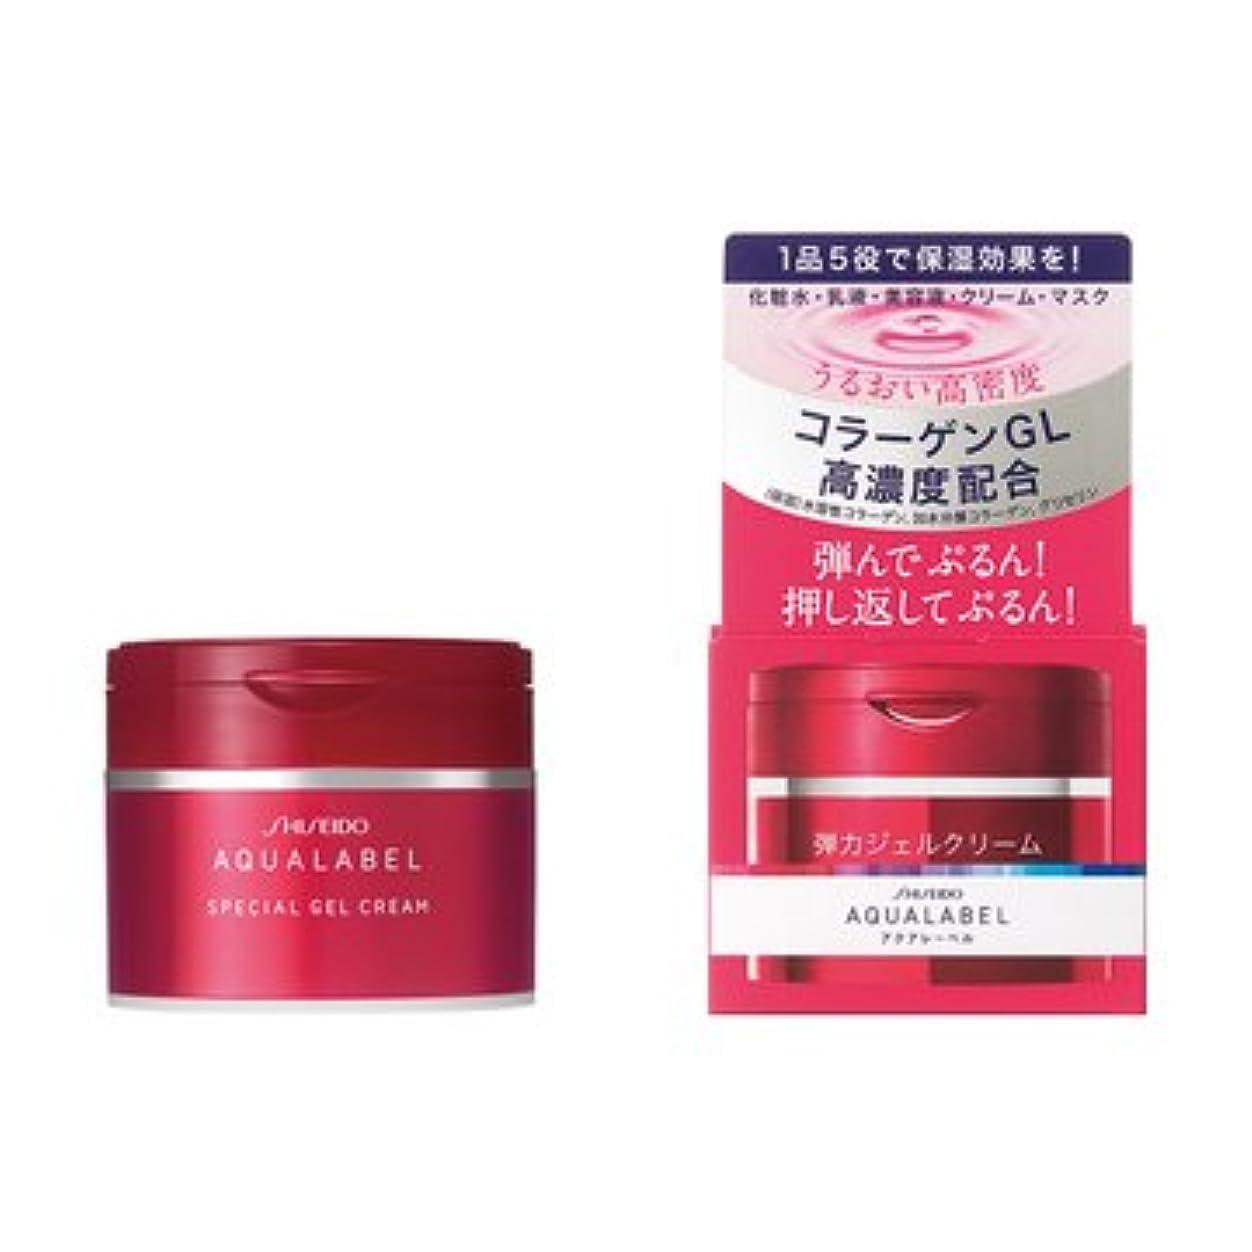 佐賀ビジター慰め資生堂 アクアレーベル スペシャルジェルクリーム 40g